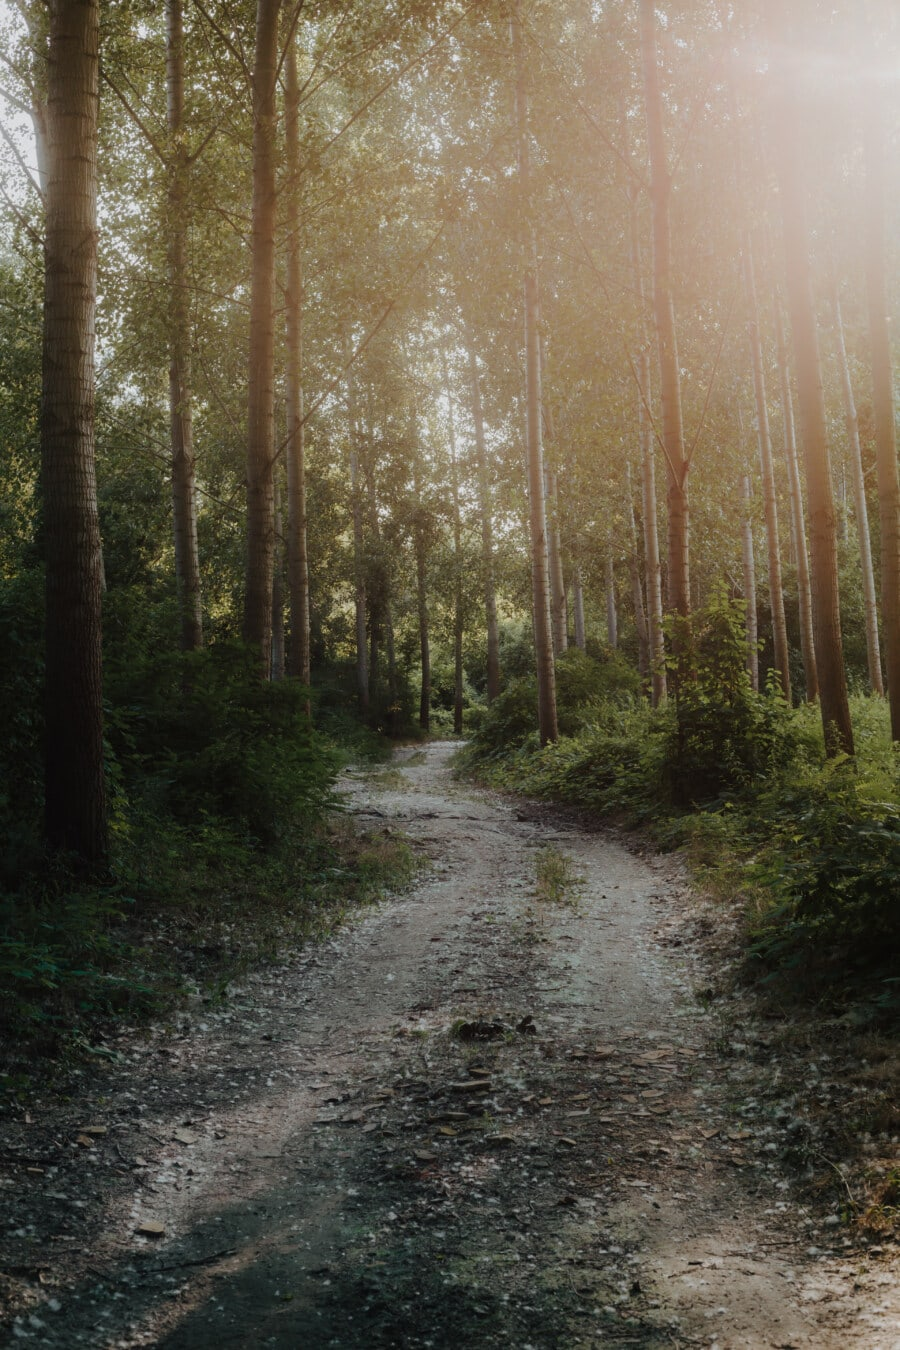 sunčano, šumska cesta, drvo, park, stabla, krajolik, šuma, šume, put, list